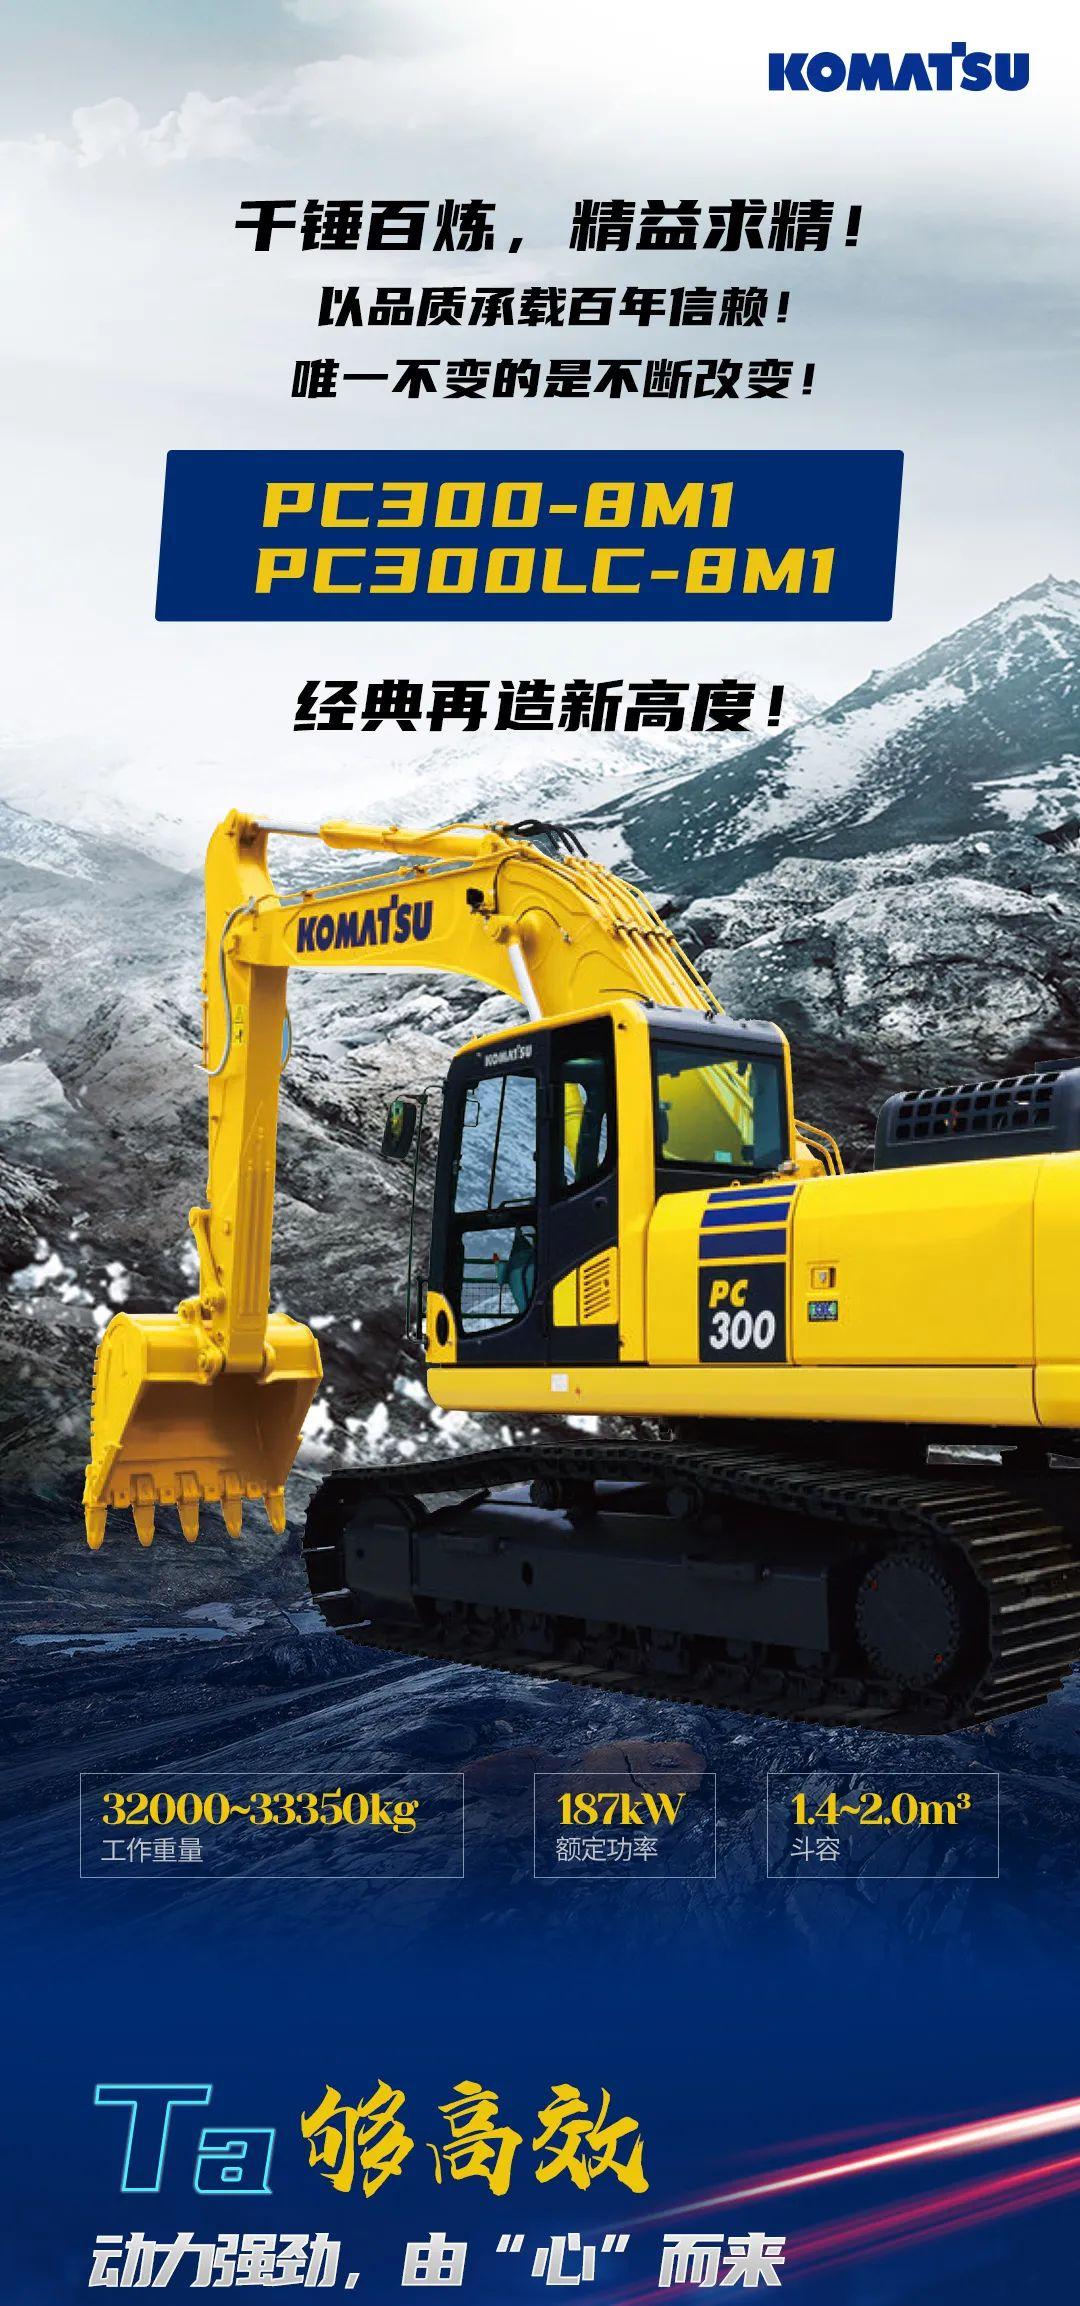 全新小松PC300-8M1/PC300LC-8M1:强者,承袭荣耀刷新锋芒